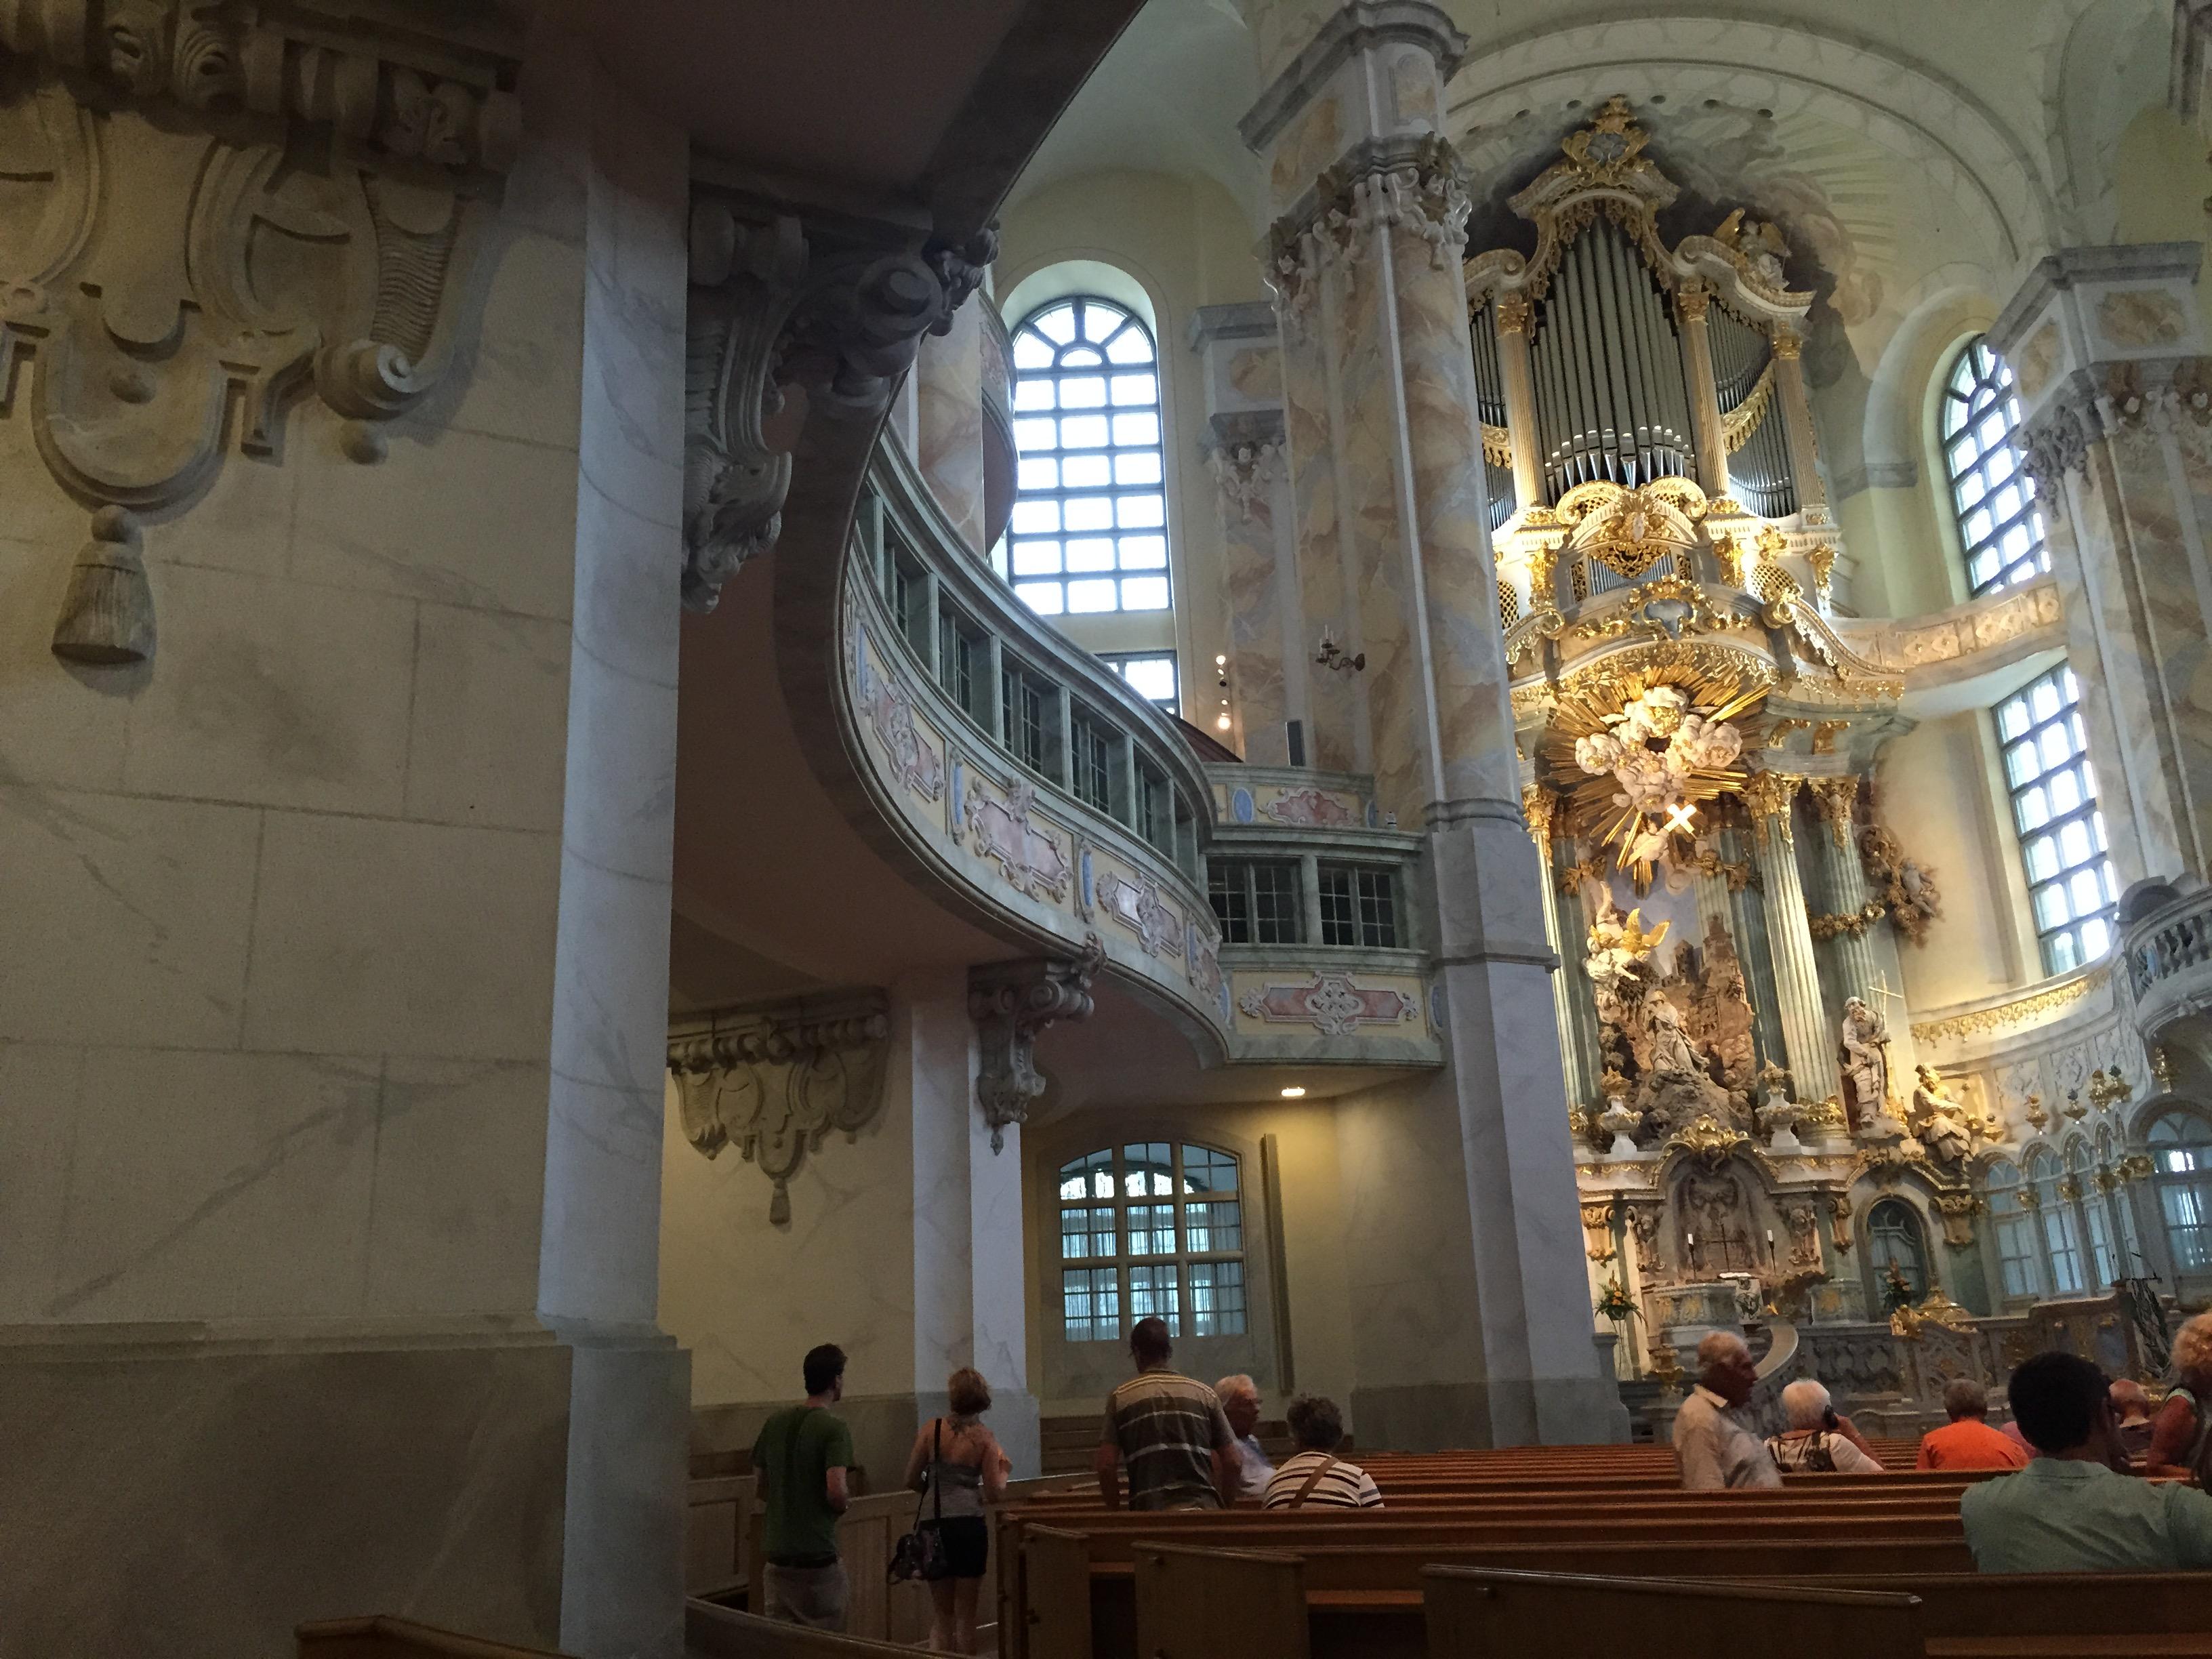 Bildergebnis für Wikimedia Commons Bilder Frauen Kirche in Dresden